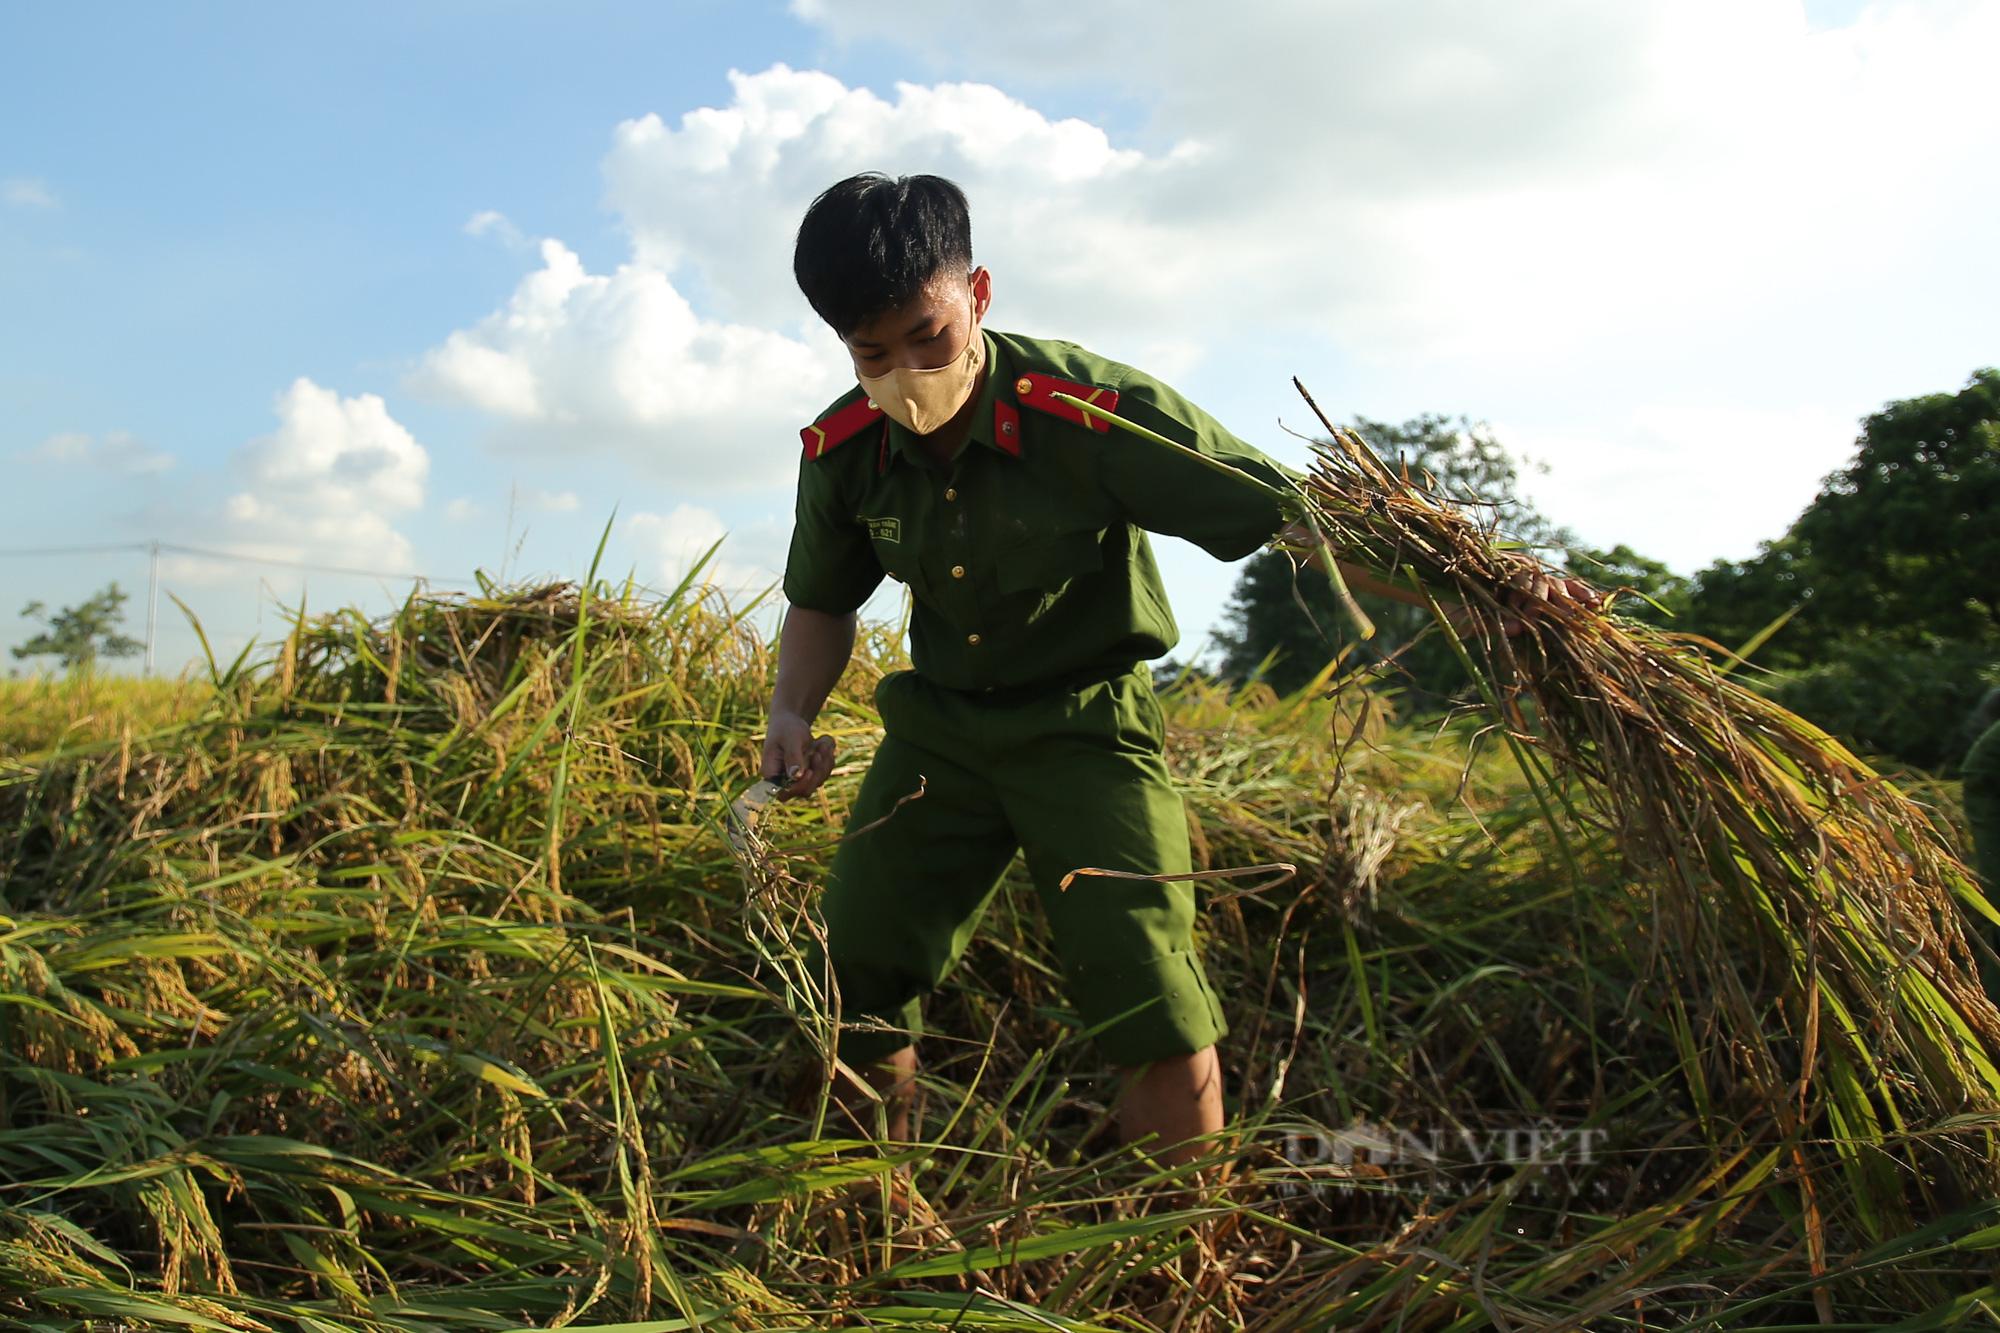 Hình ảnh chiến sĩ công an lội ruộng, ăn cơm vội để thu hoạch lúa giúp 141 hộ ở vùng cách ly y tế - Ảnh 6.